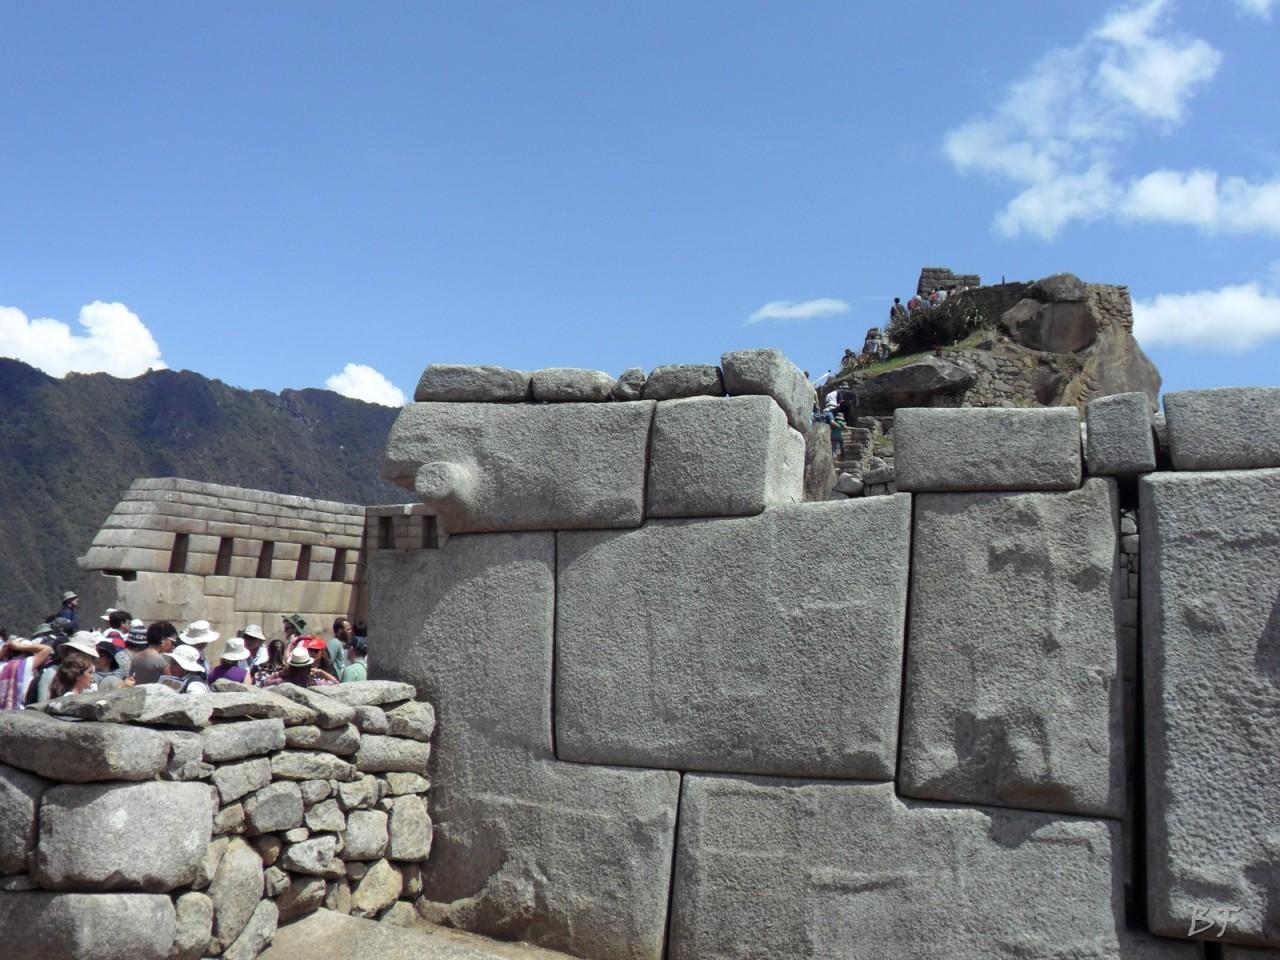 Mura-Poligonali-Incisioni-Altari-Edifici-Rupestri-Megaliti-Machu-Picchu-Aguas-Calientes-Urubamba-Cusco-Perù-61